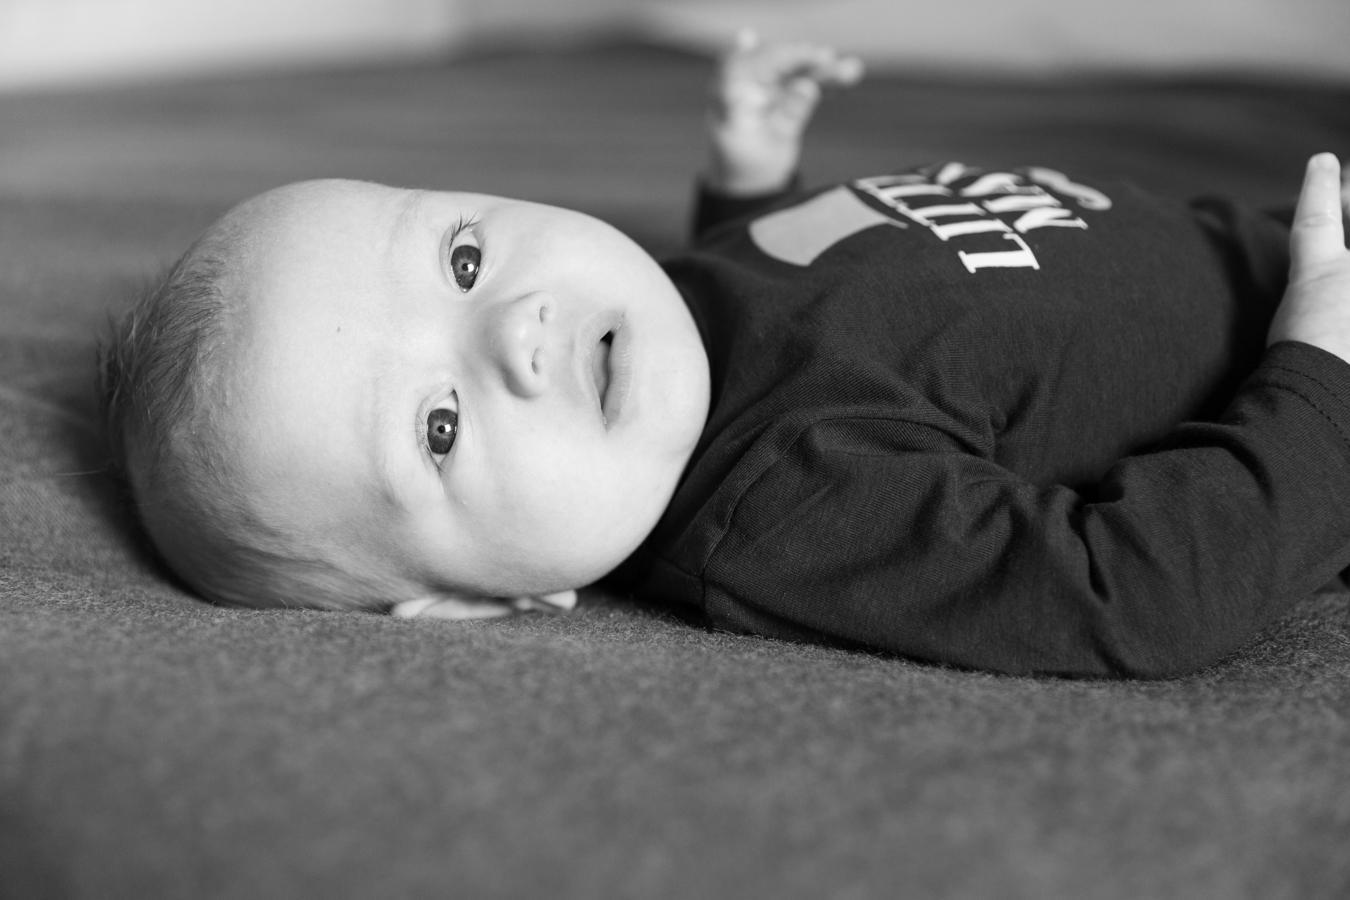 susanbonhoffotografie.newbornshoot.eerbeek-35.jpg